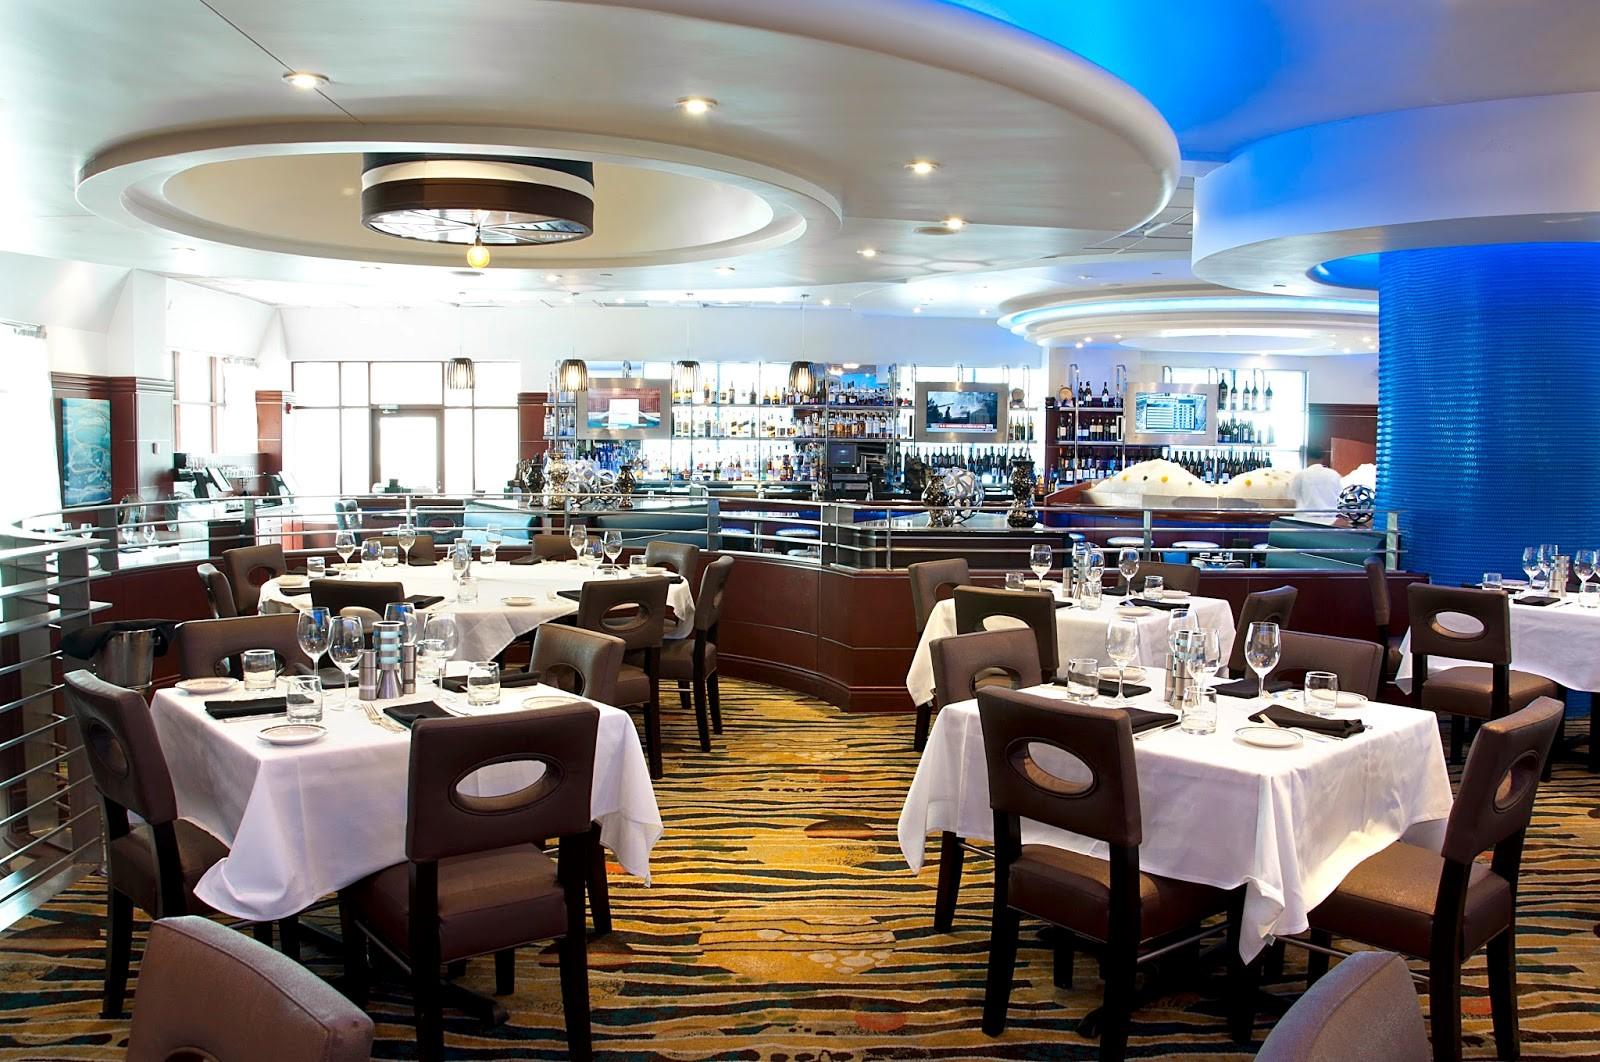 Reviews For Main Dining Room At Royal Caribbean